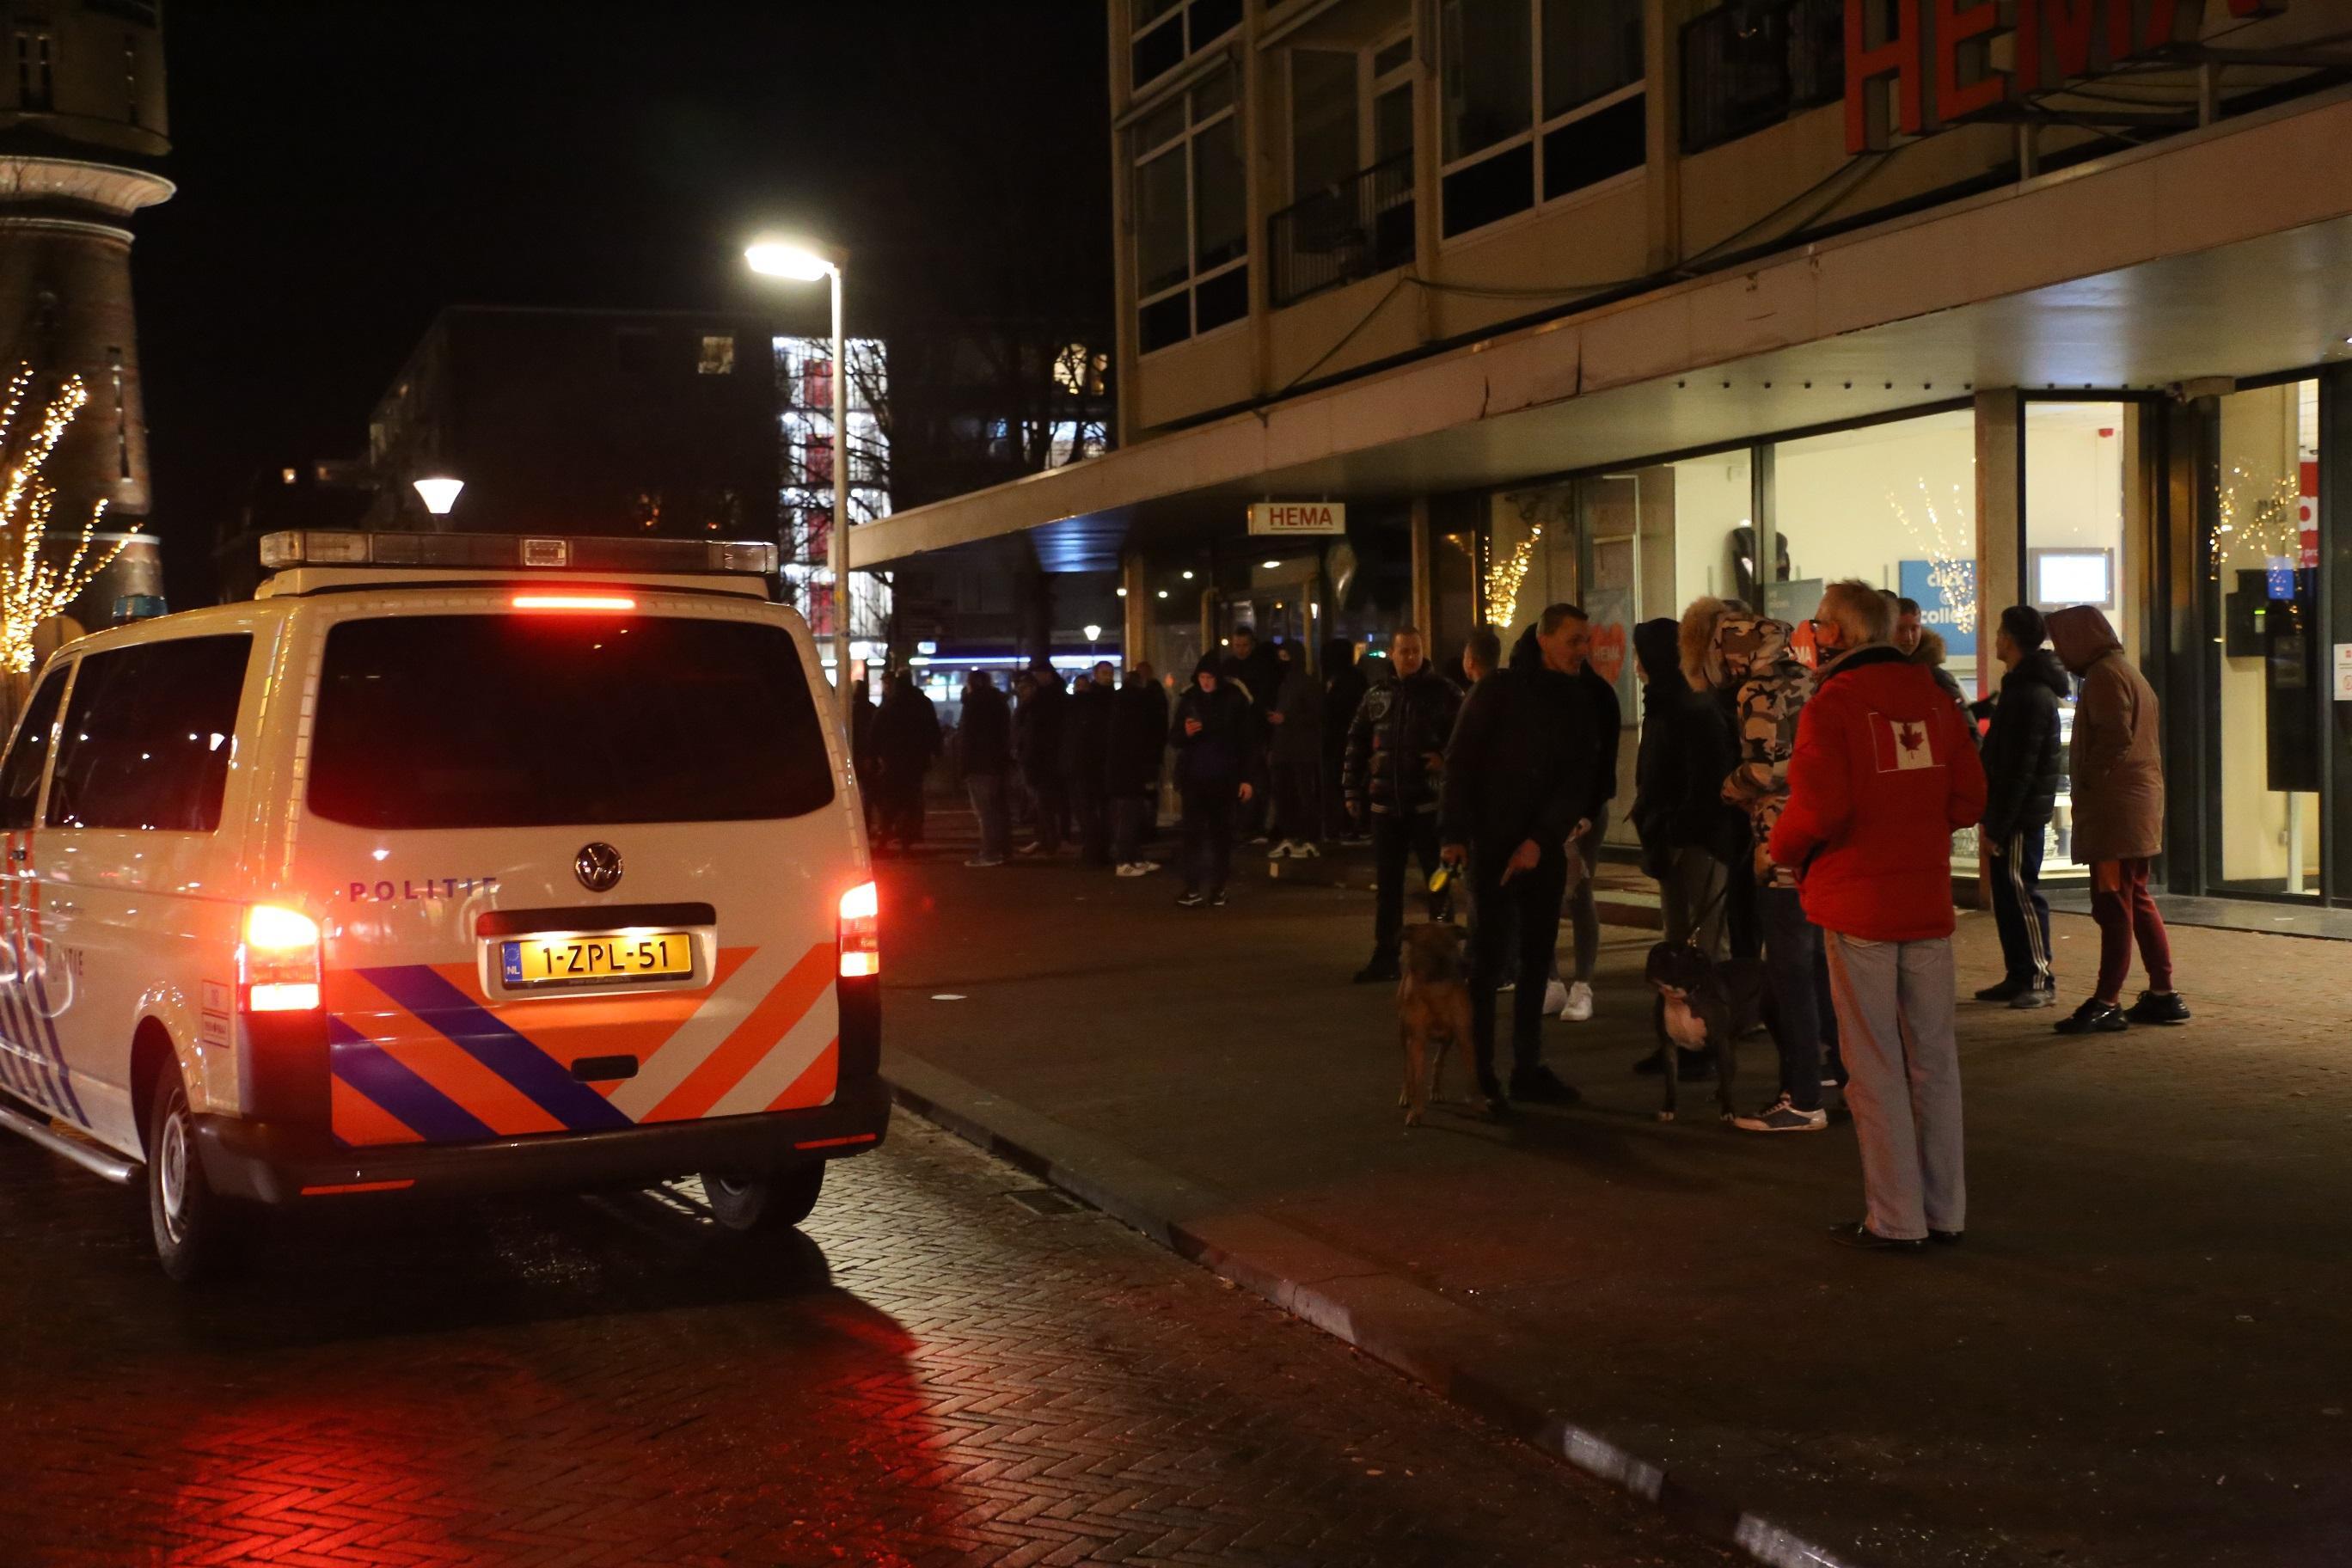 Politie Den Helder maant tegen avondklok protesterende burgers naar huis te gaan; negen bekeuringen uitgedeeld